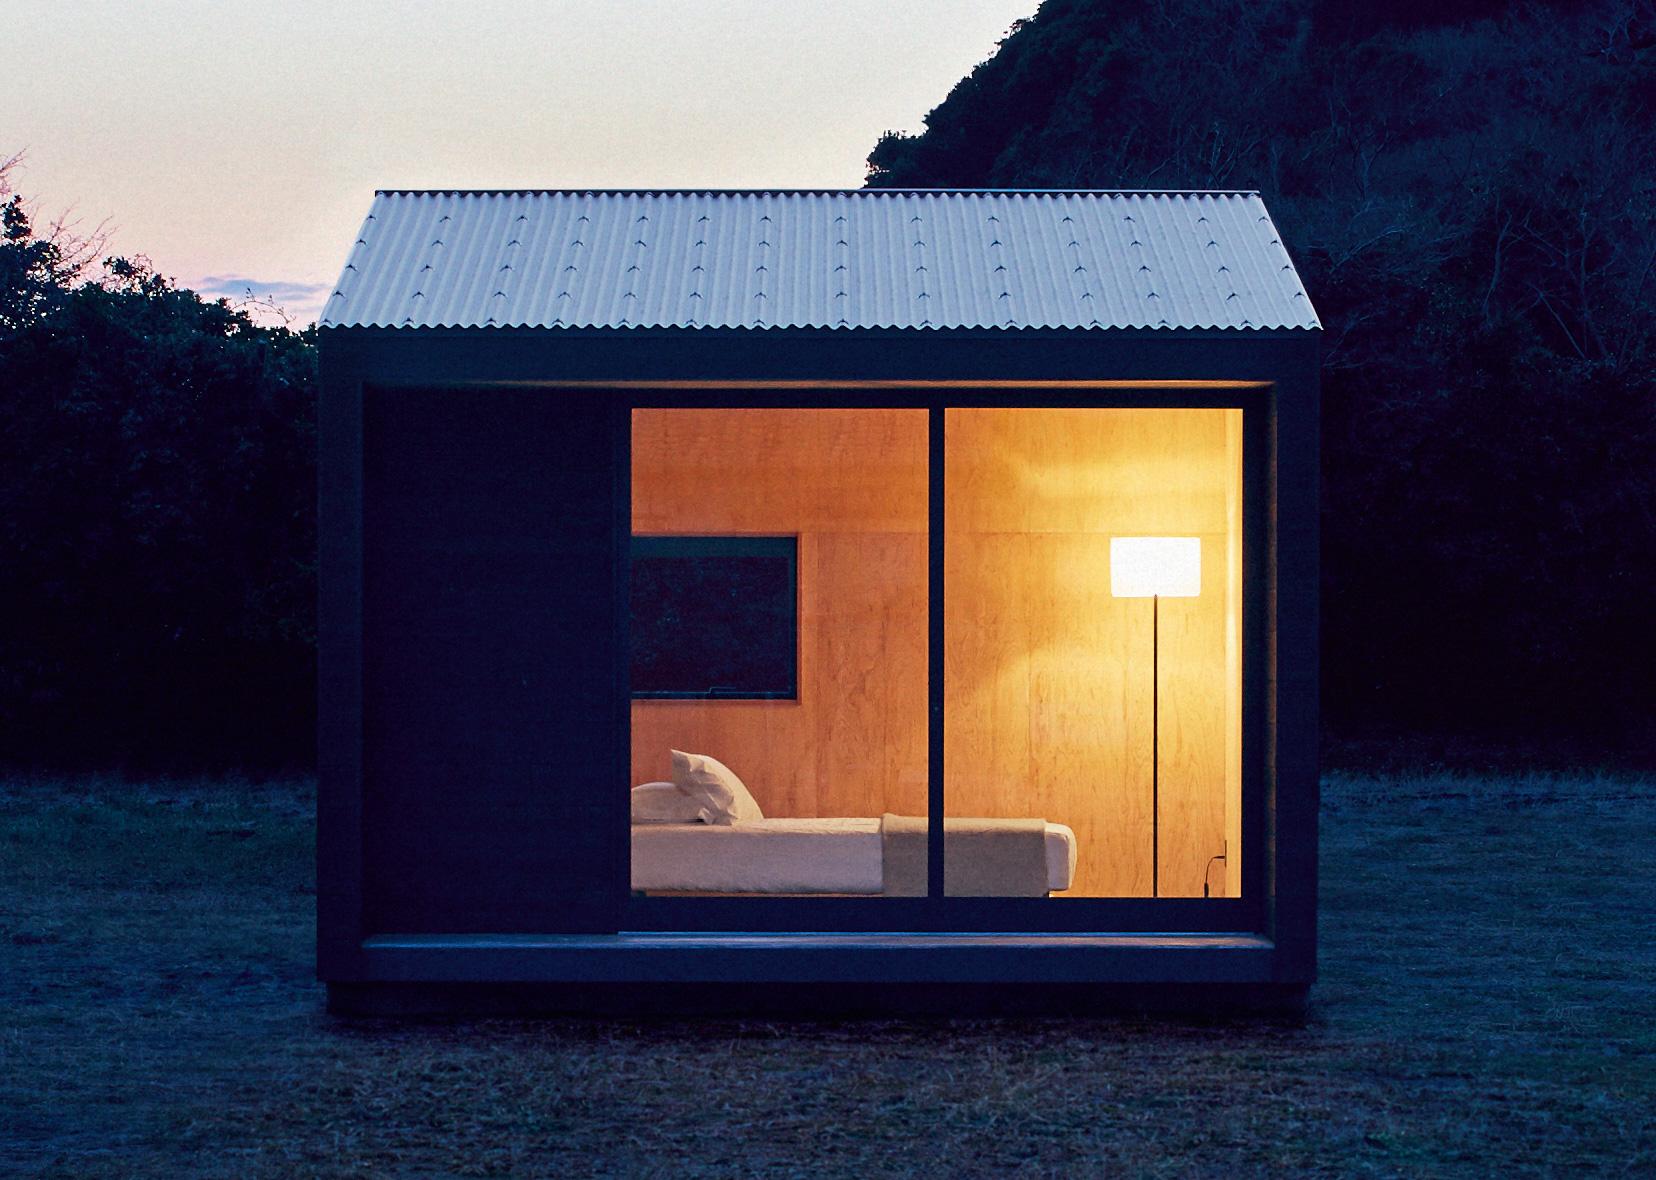 MUJI Hut Nuit